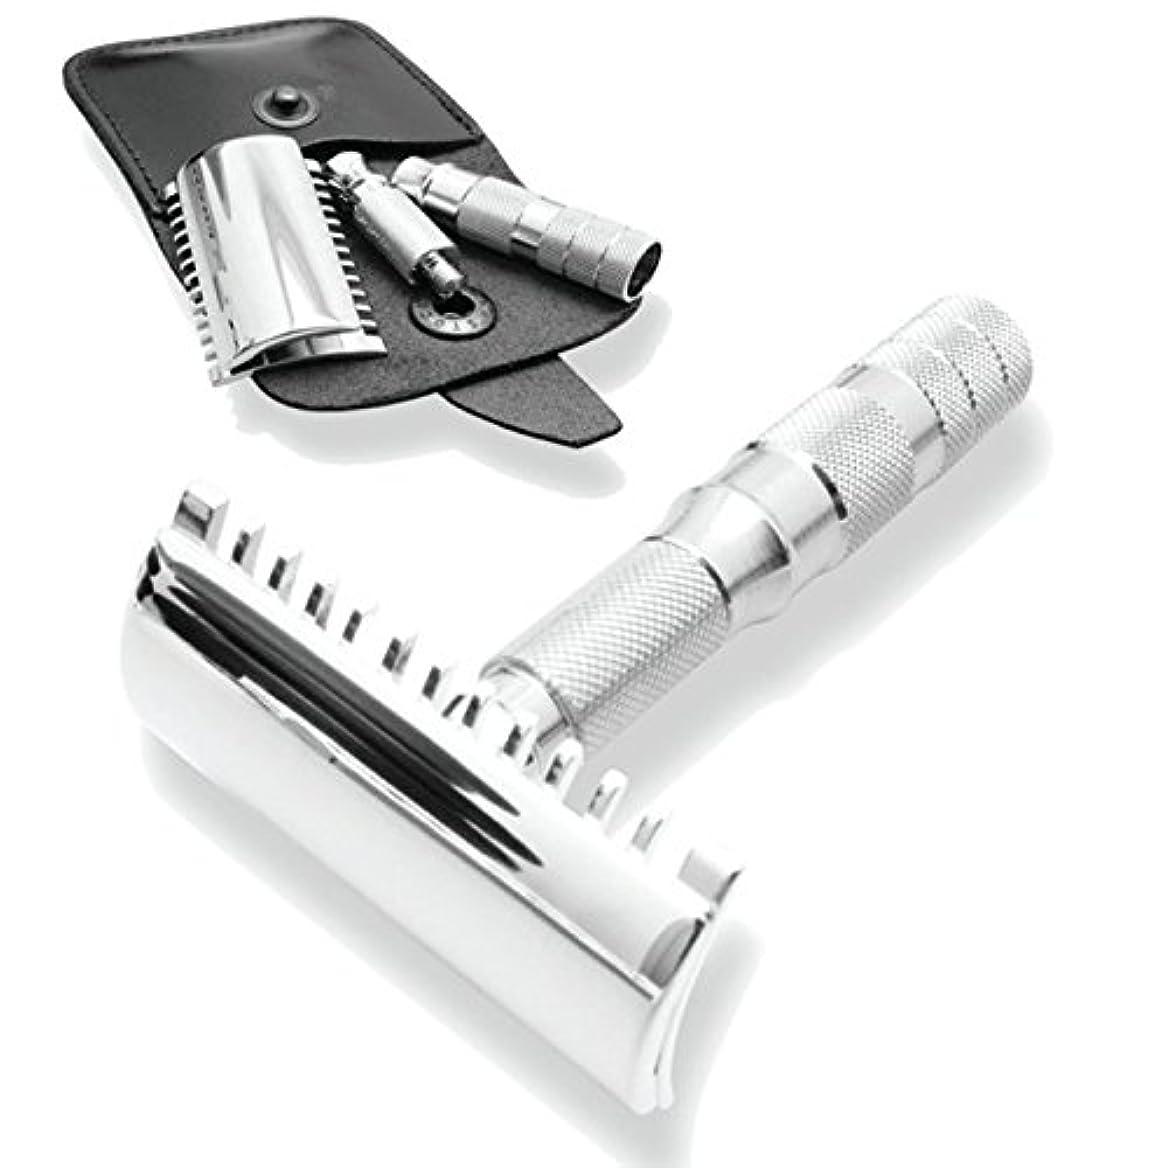 夫婦良さペストMerkur & Dovo Open Tooth Comb Travel Razor